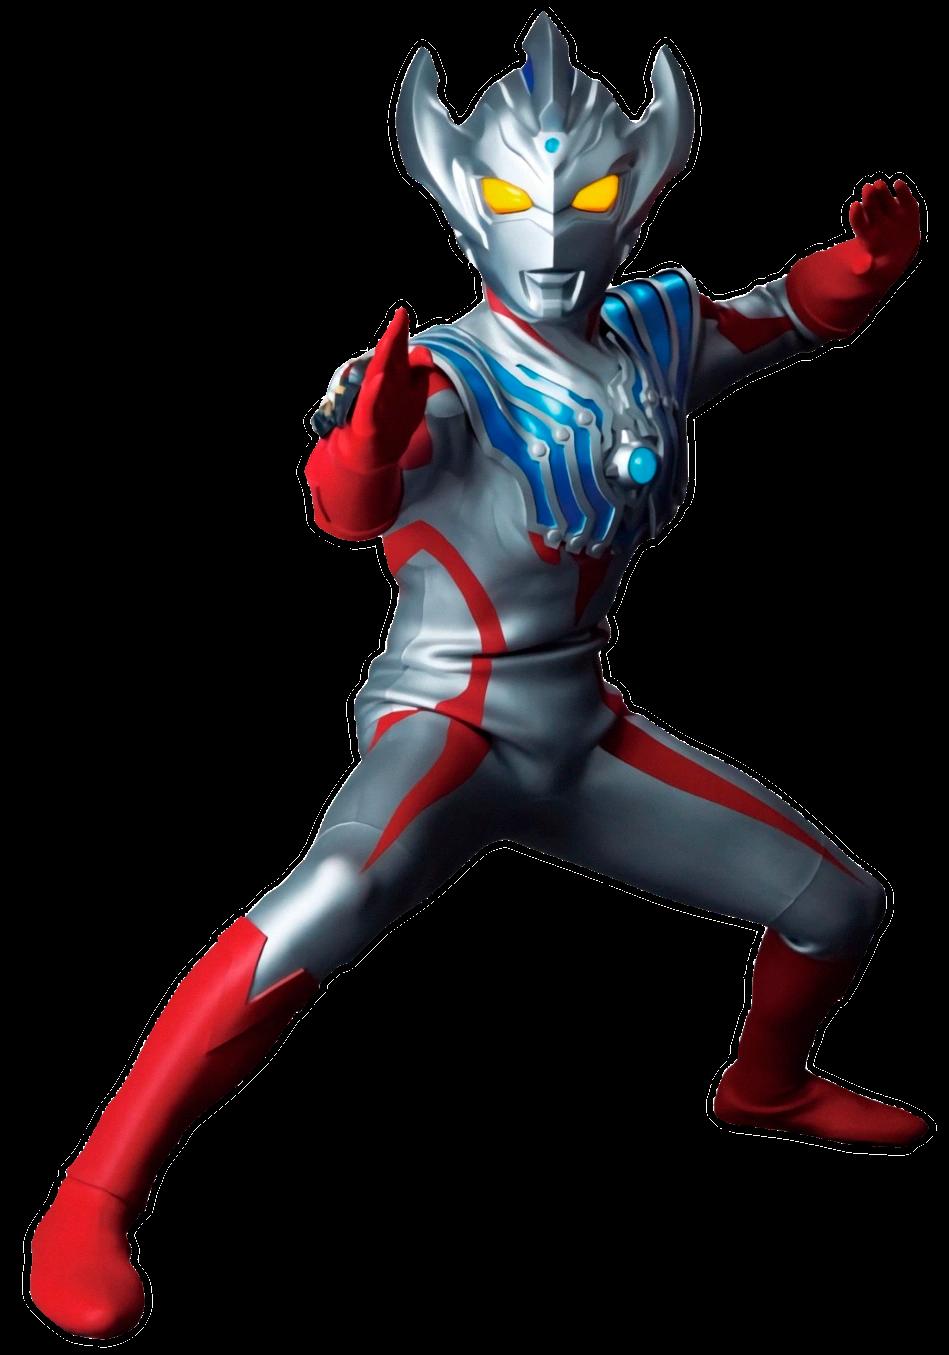 「Ultraman」おしゃれまとめの人気アイデア|Pinterest|abb9527 ウルトラマンティガ, ヒーロー